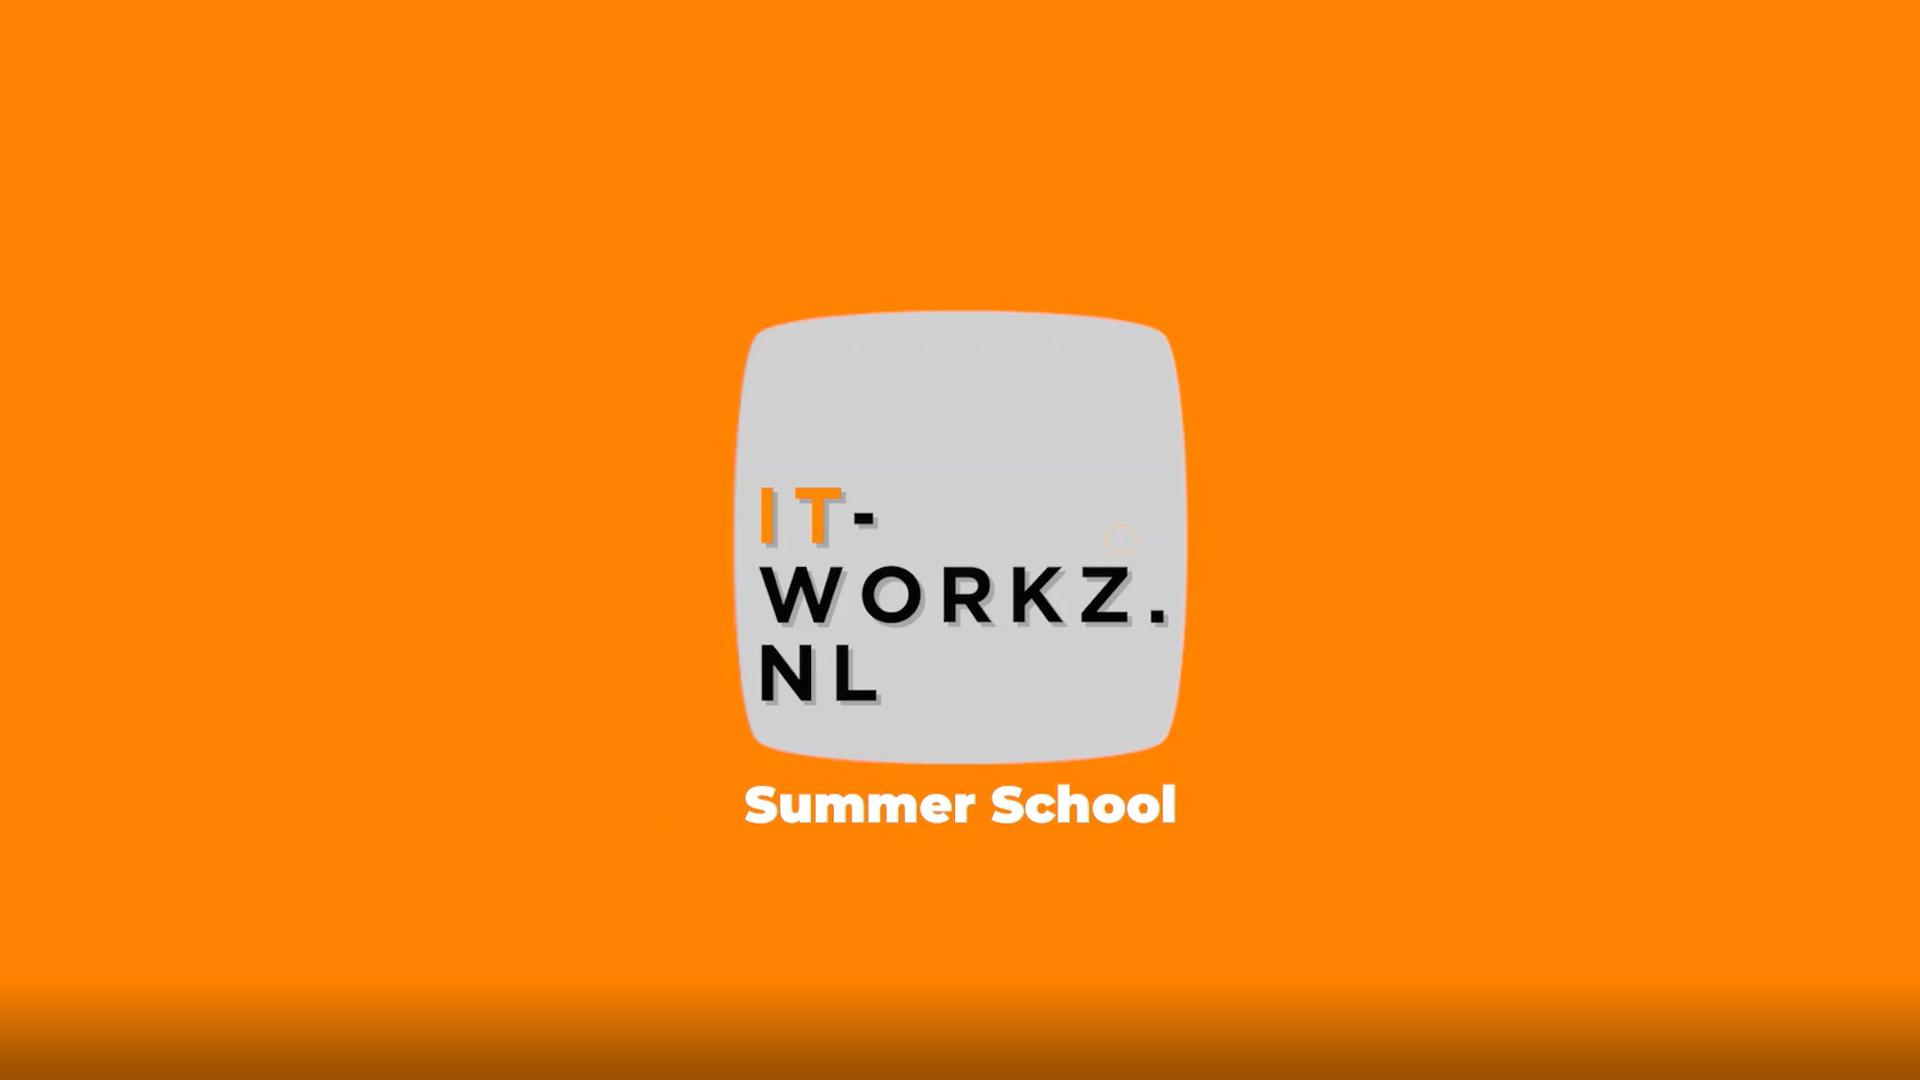 ITW SUMMER SCHOOL TEKENTABLET FINAL VOOR UPLOAD